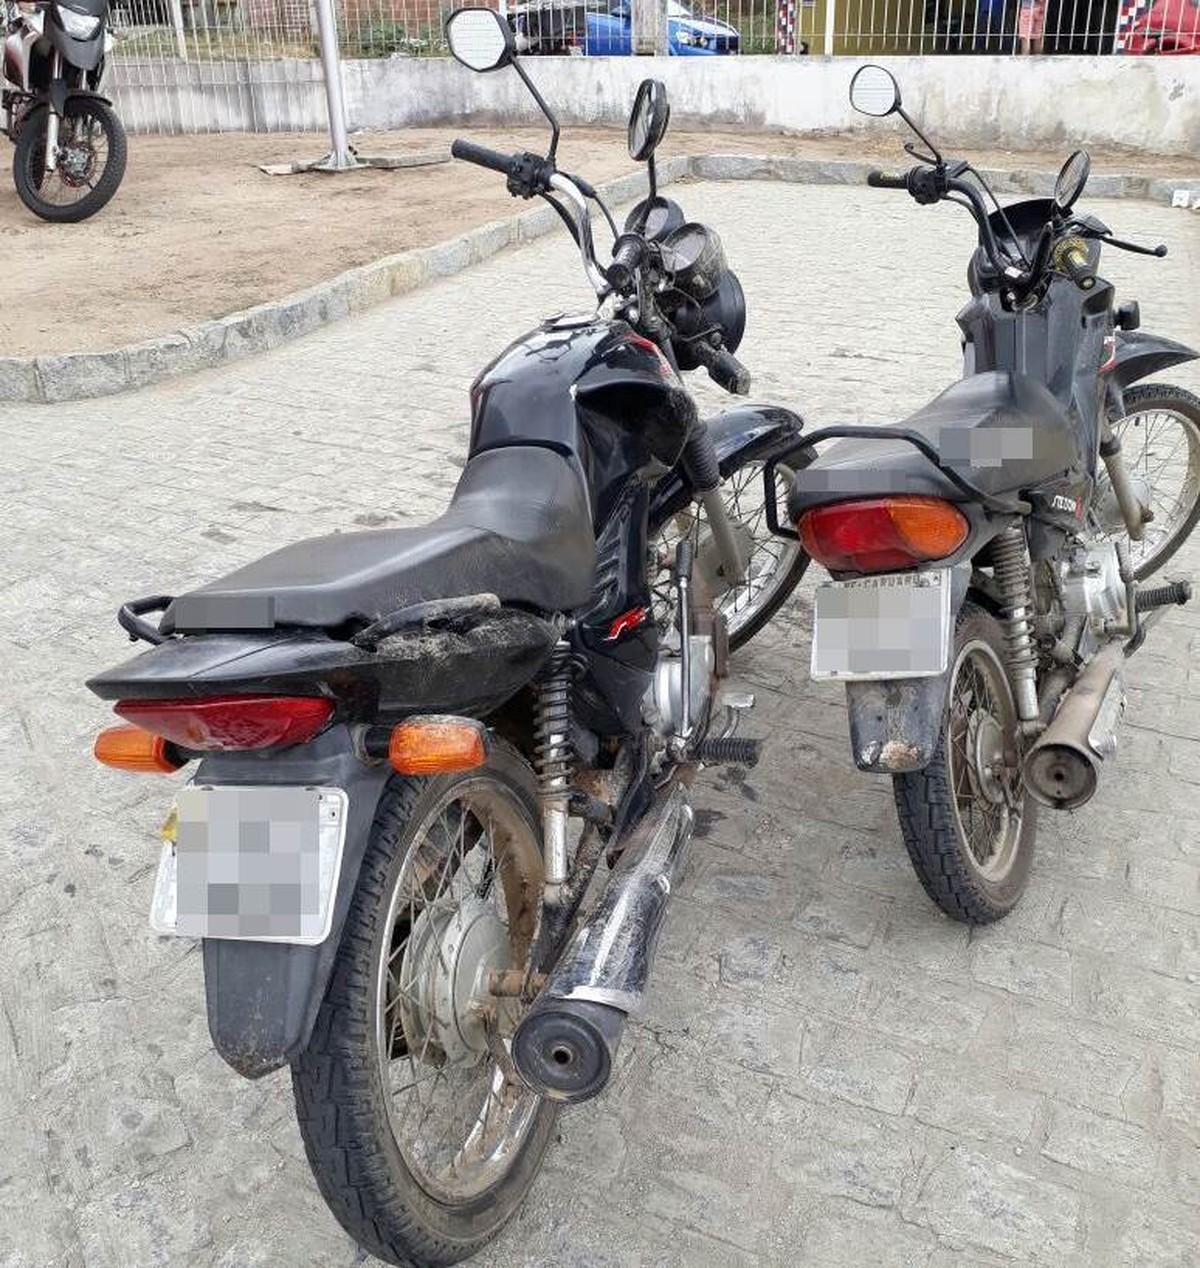 Jovem suspeito de assalto é preso após colidir moto roubada contra cerca de arame farpado em Caruaru, PE